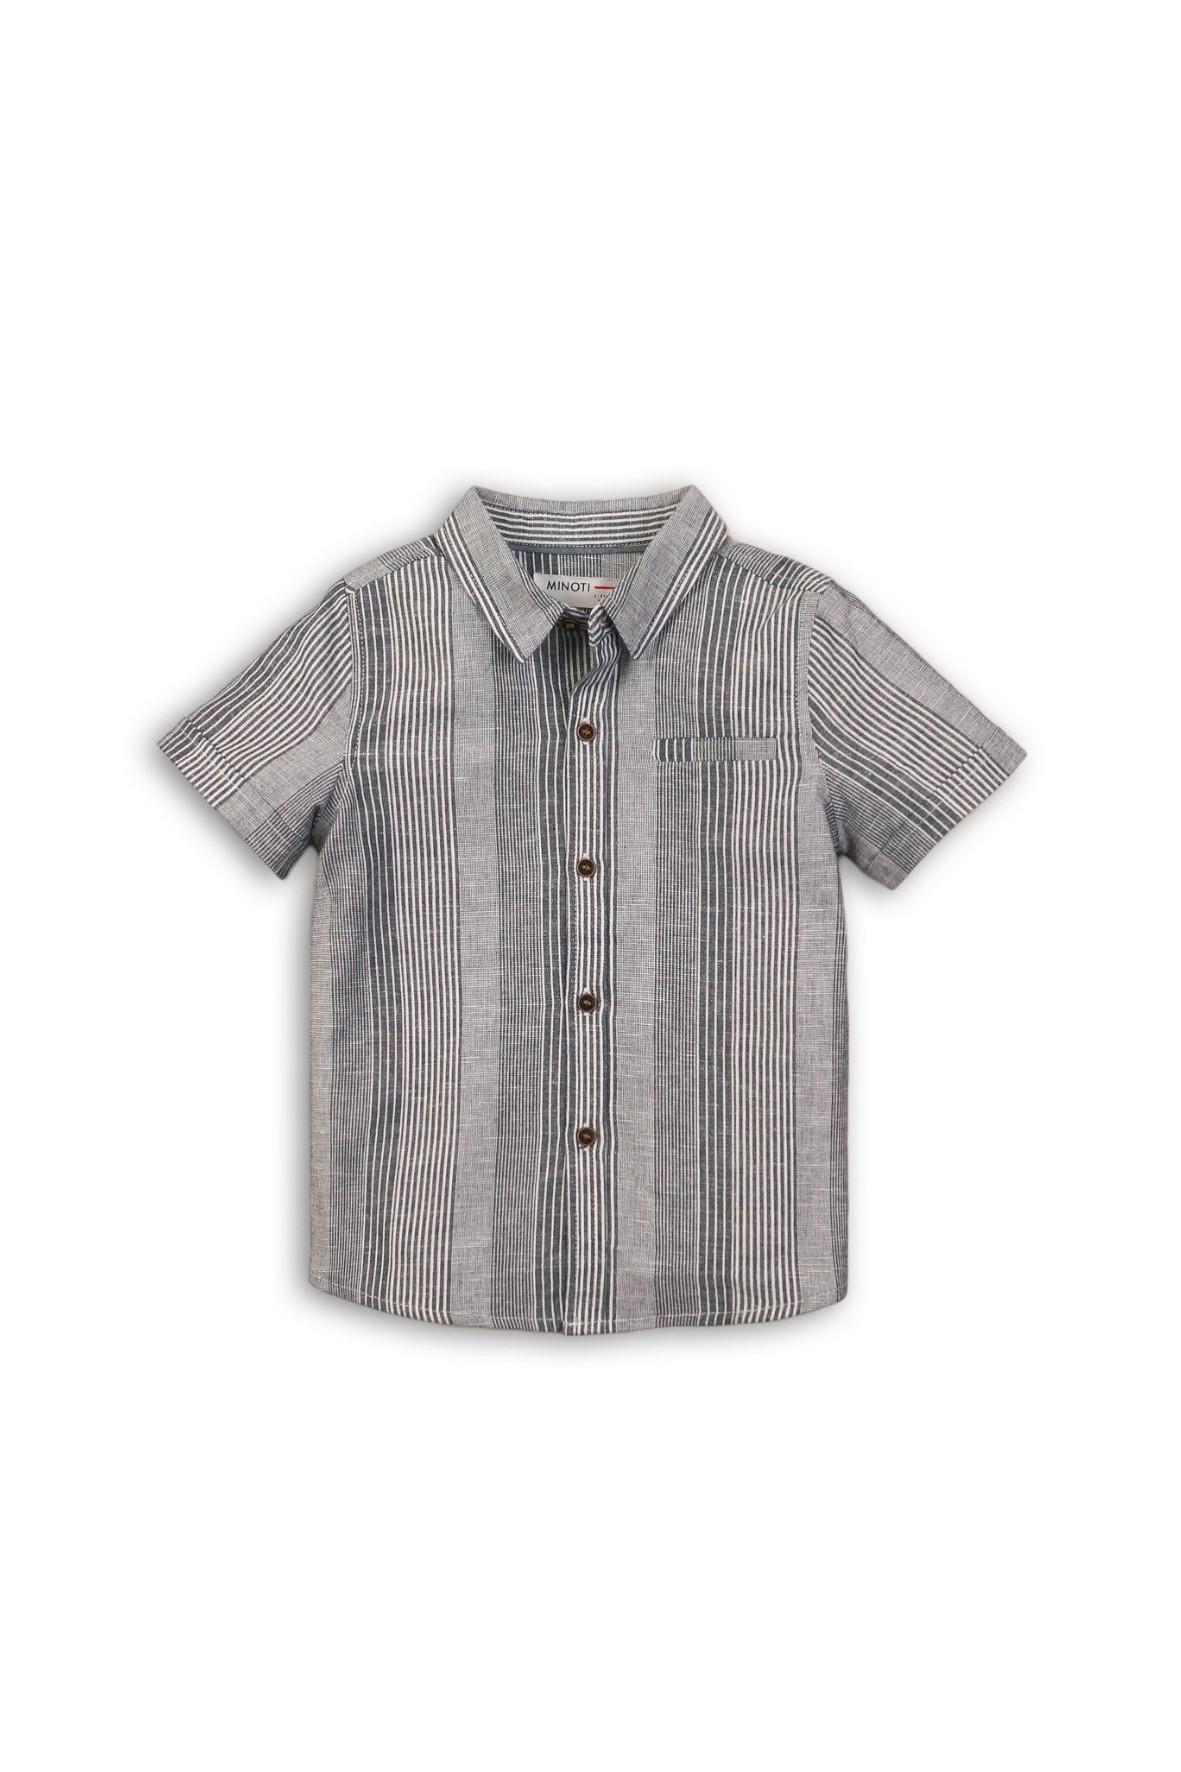 Koszula niemowlęca szara z krótkim rękawem